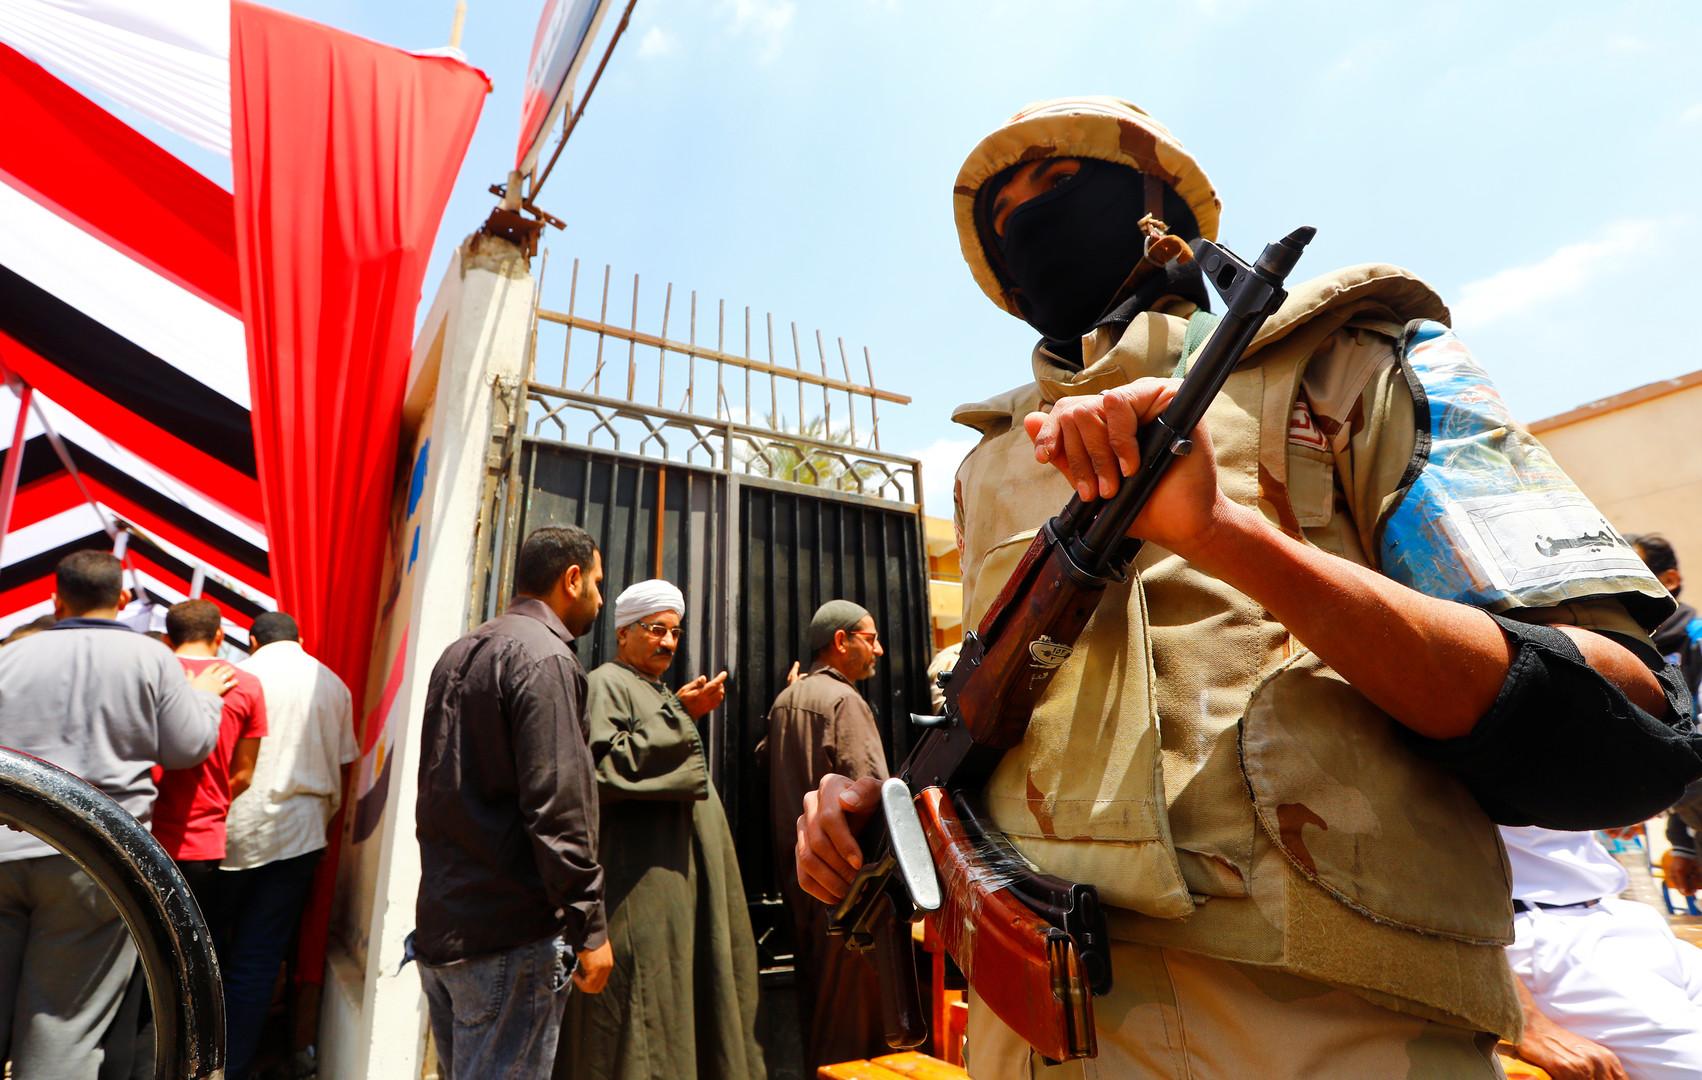 عنصر من قوات الأمن أمام مركز اقتراع في القاهرة خلال الاستفتاء حول التعديلات الدستورية بمصر